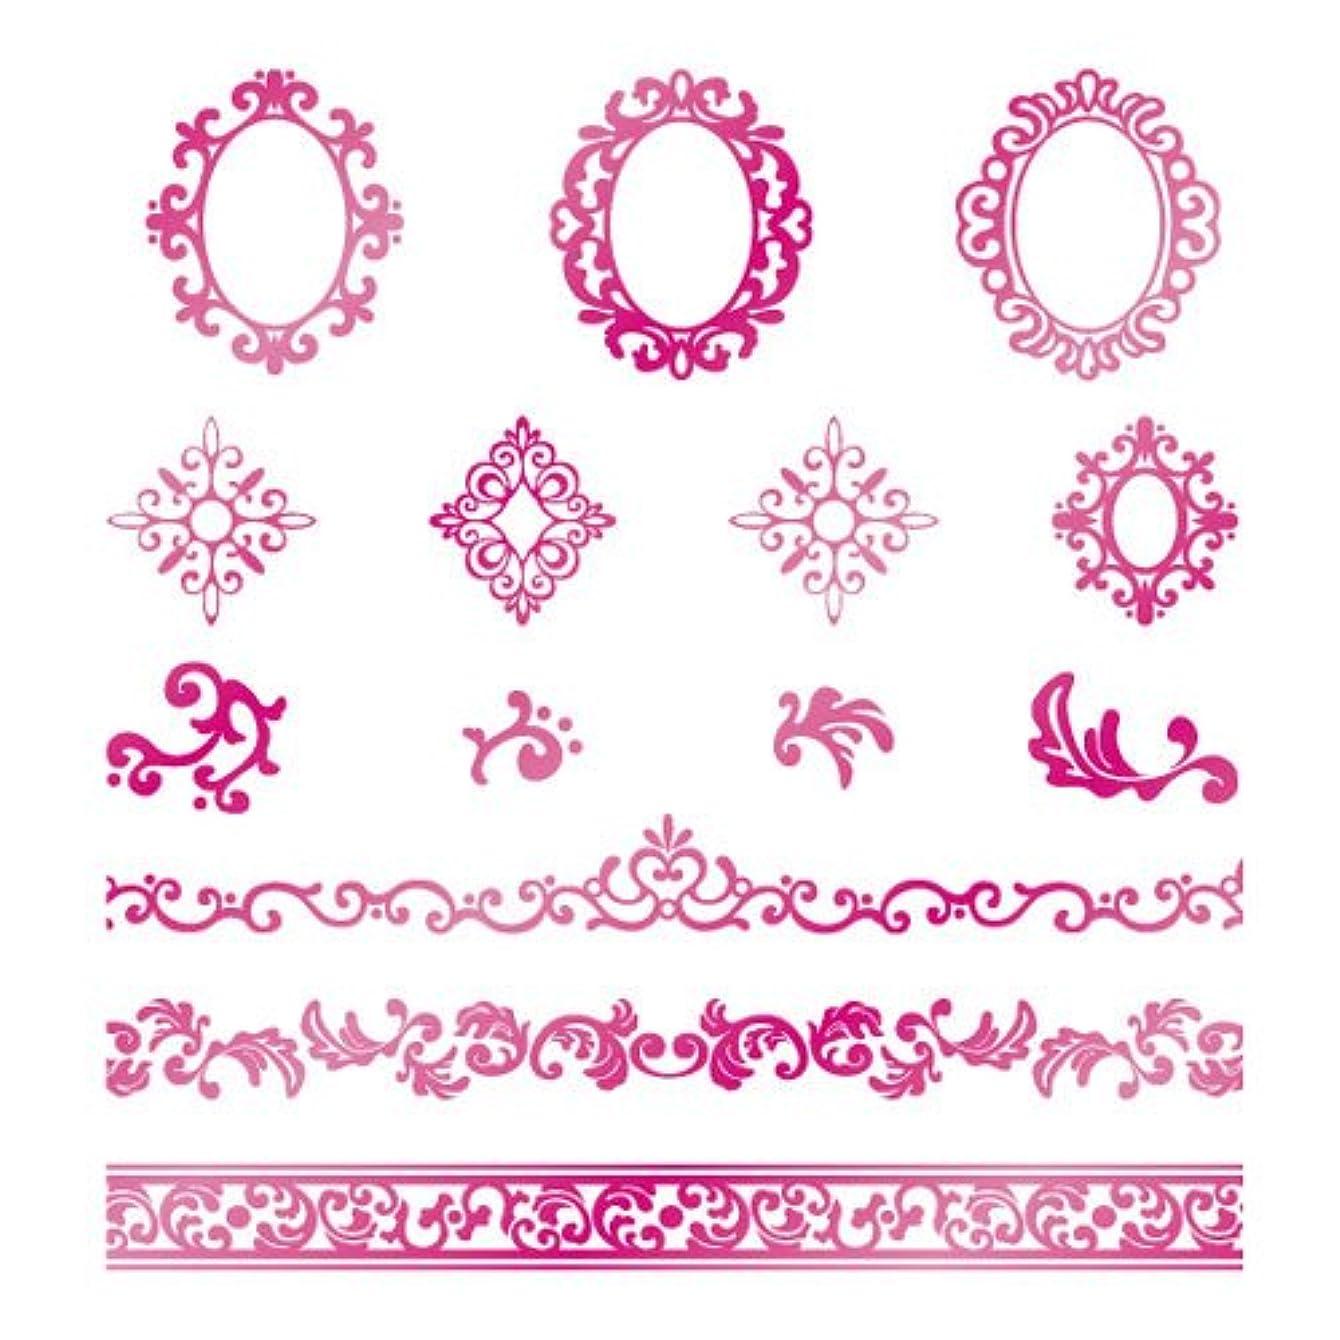 不名誉なトラフィック薄暗いツメキラ ネイル用シール  プレミアム ロココ メタリックピンク